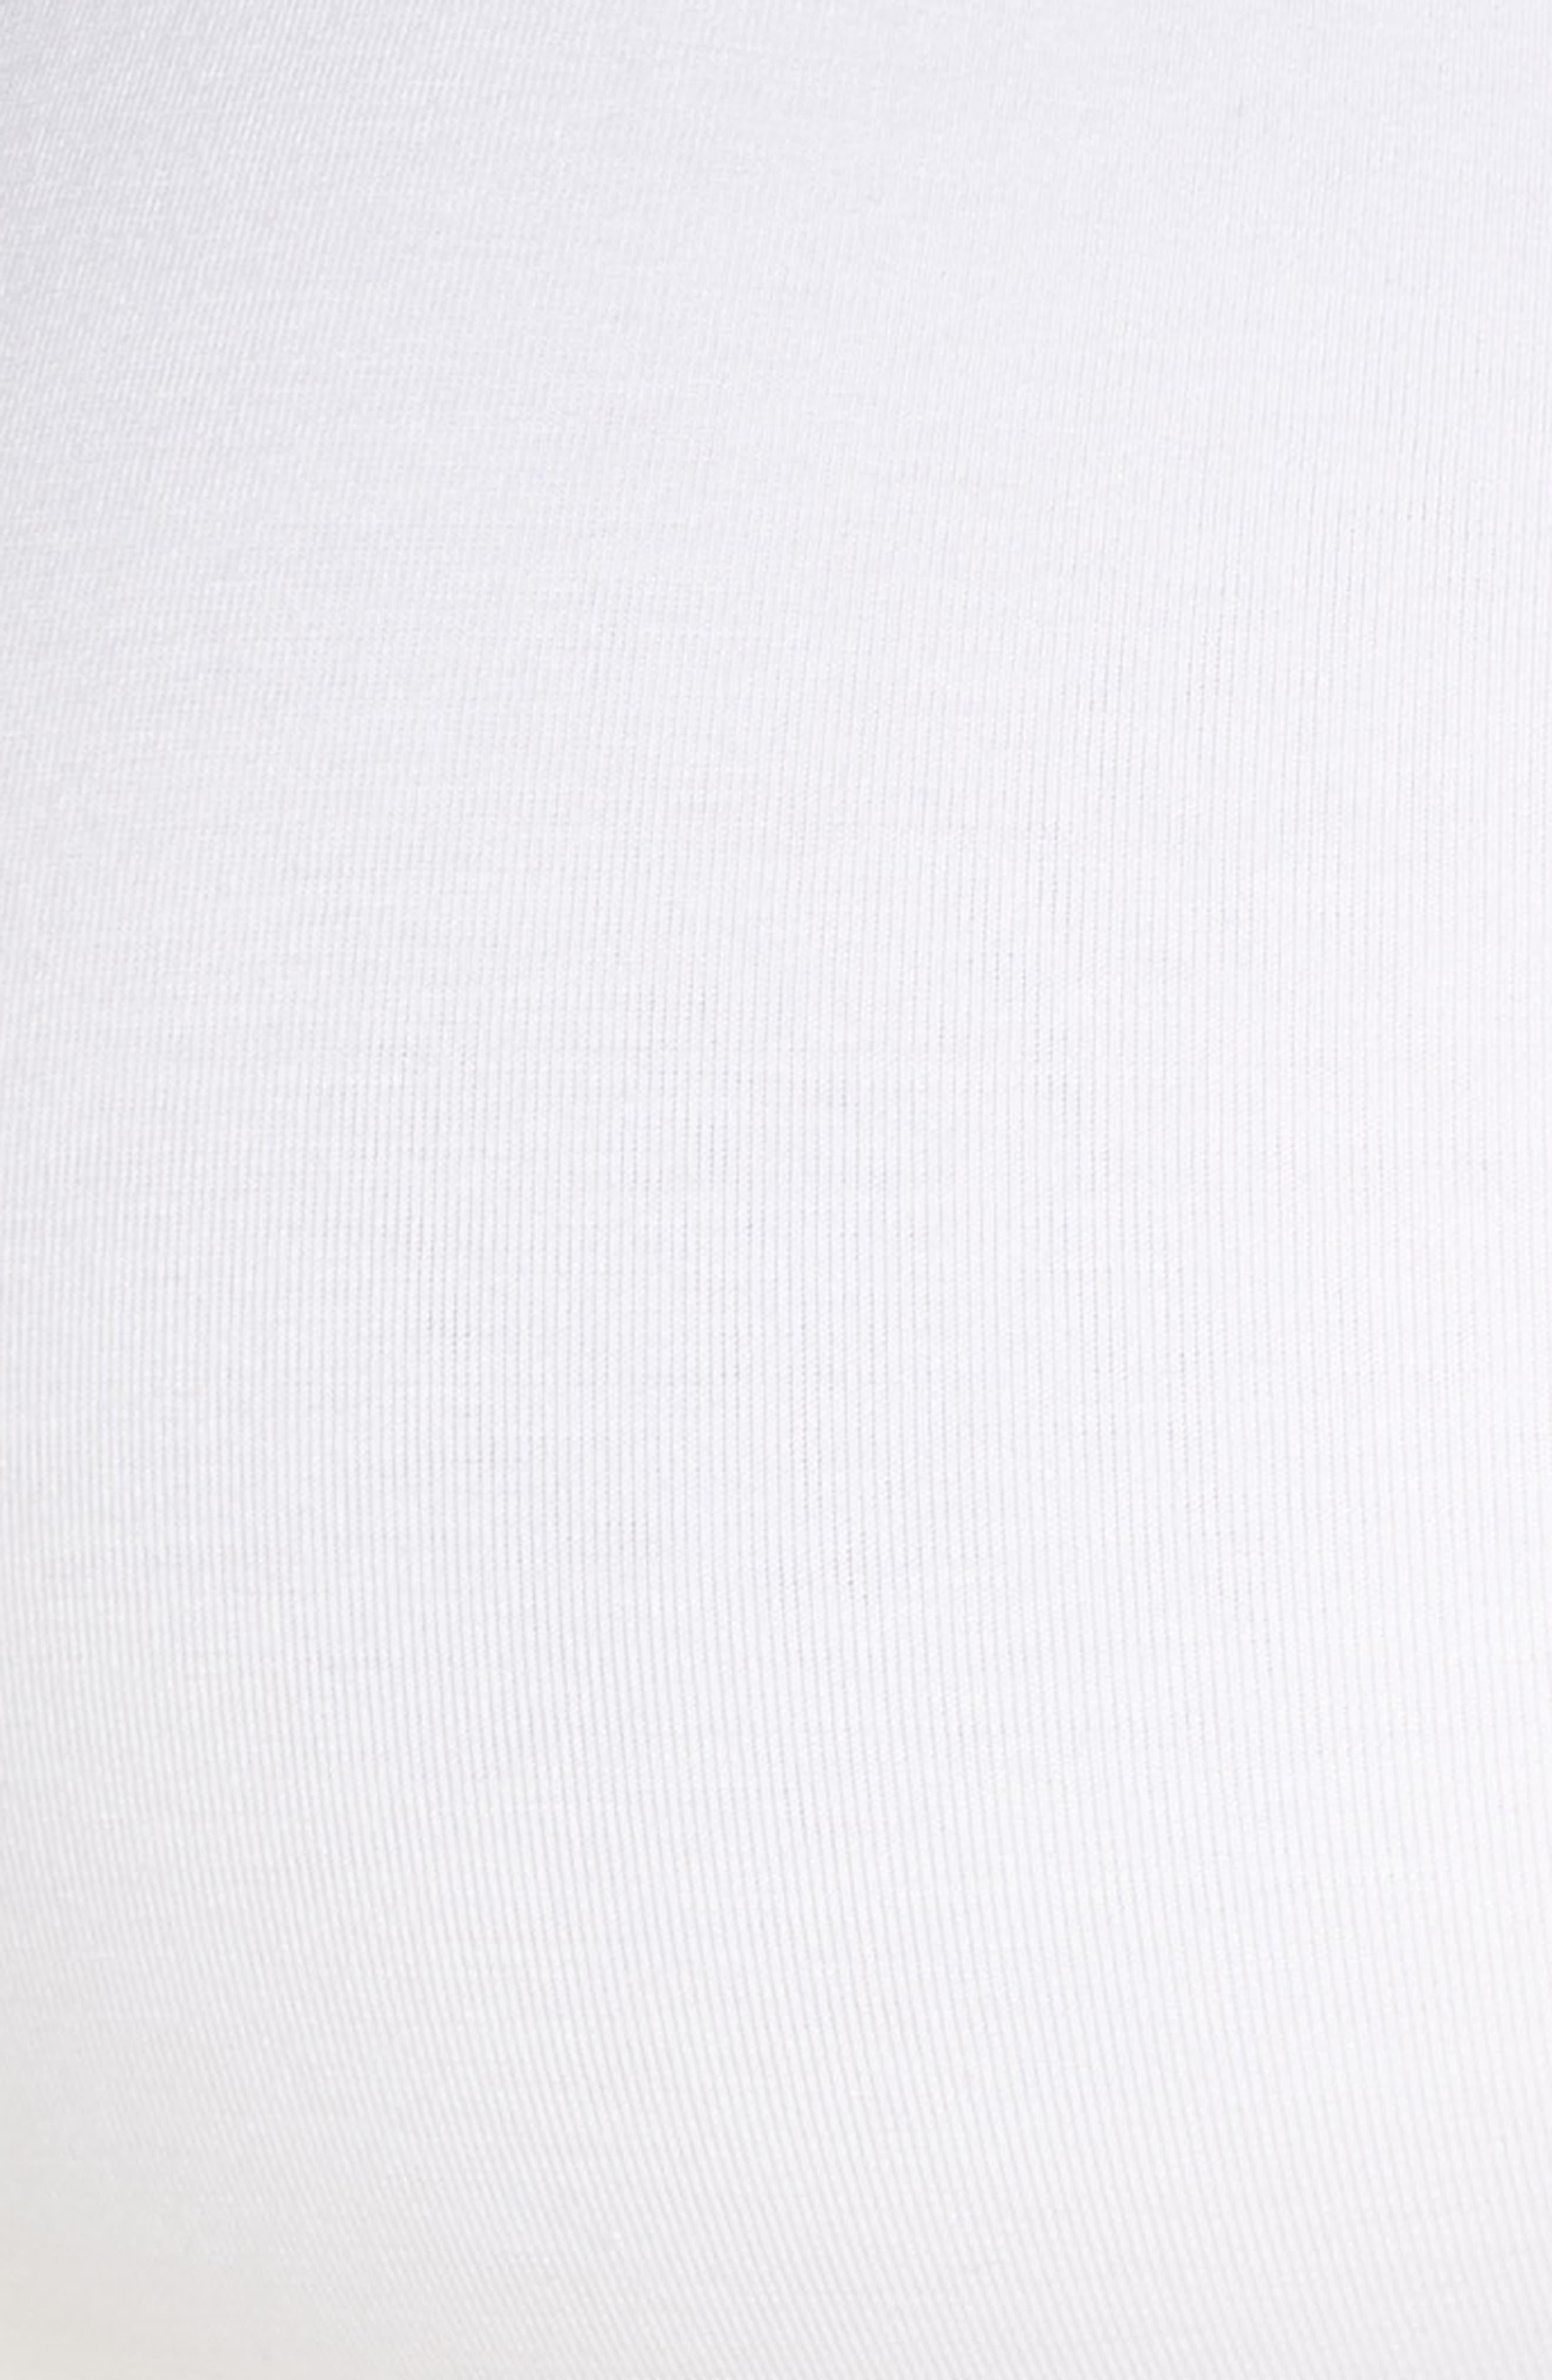 ,                             ModernCotton Blend Racerback Bralette,                             Alternate thumbnail 27, color,                             100